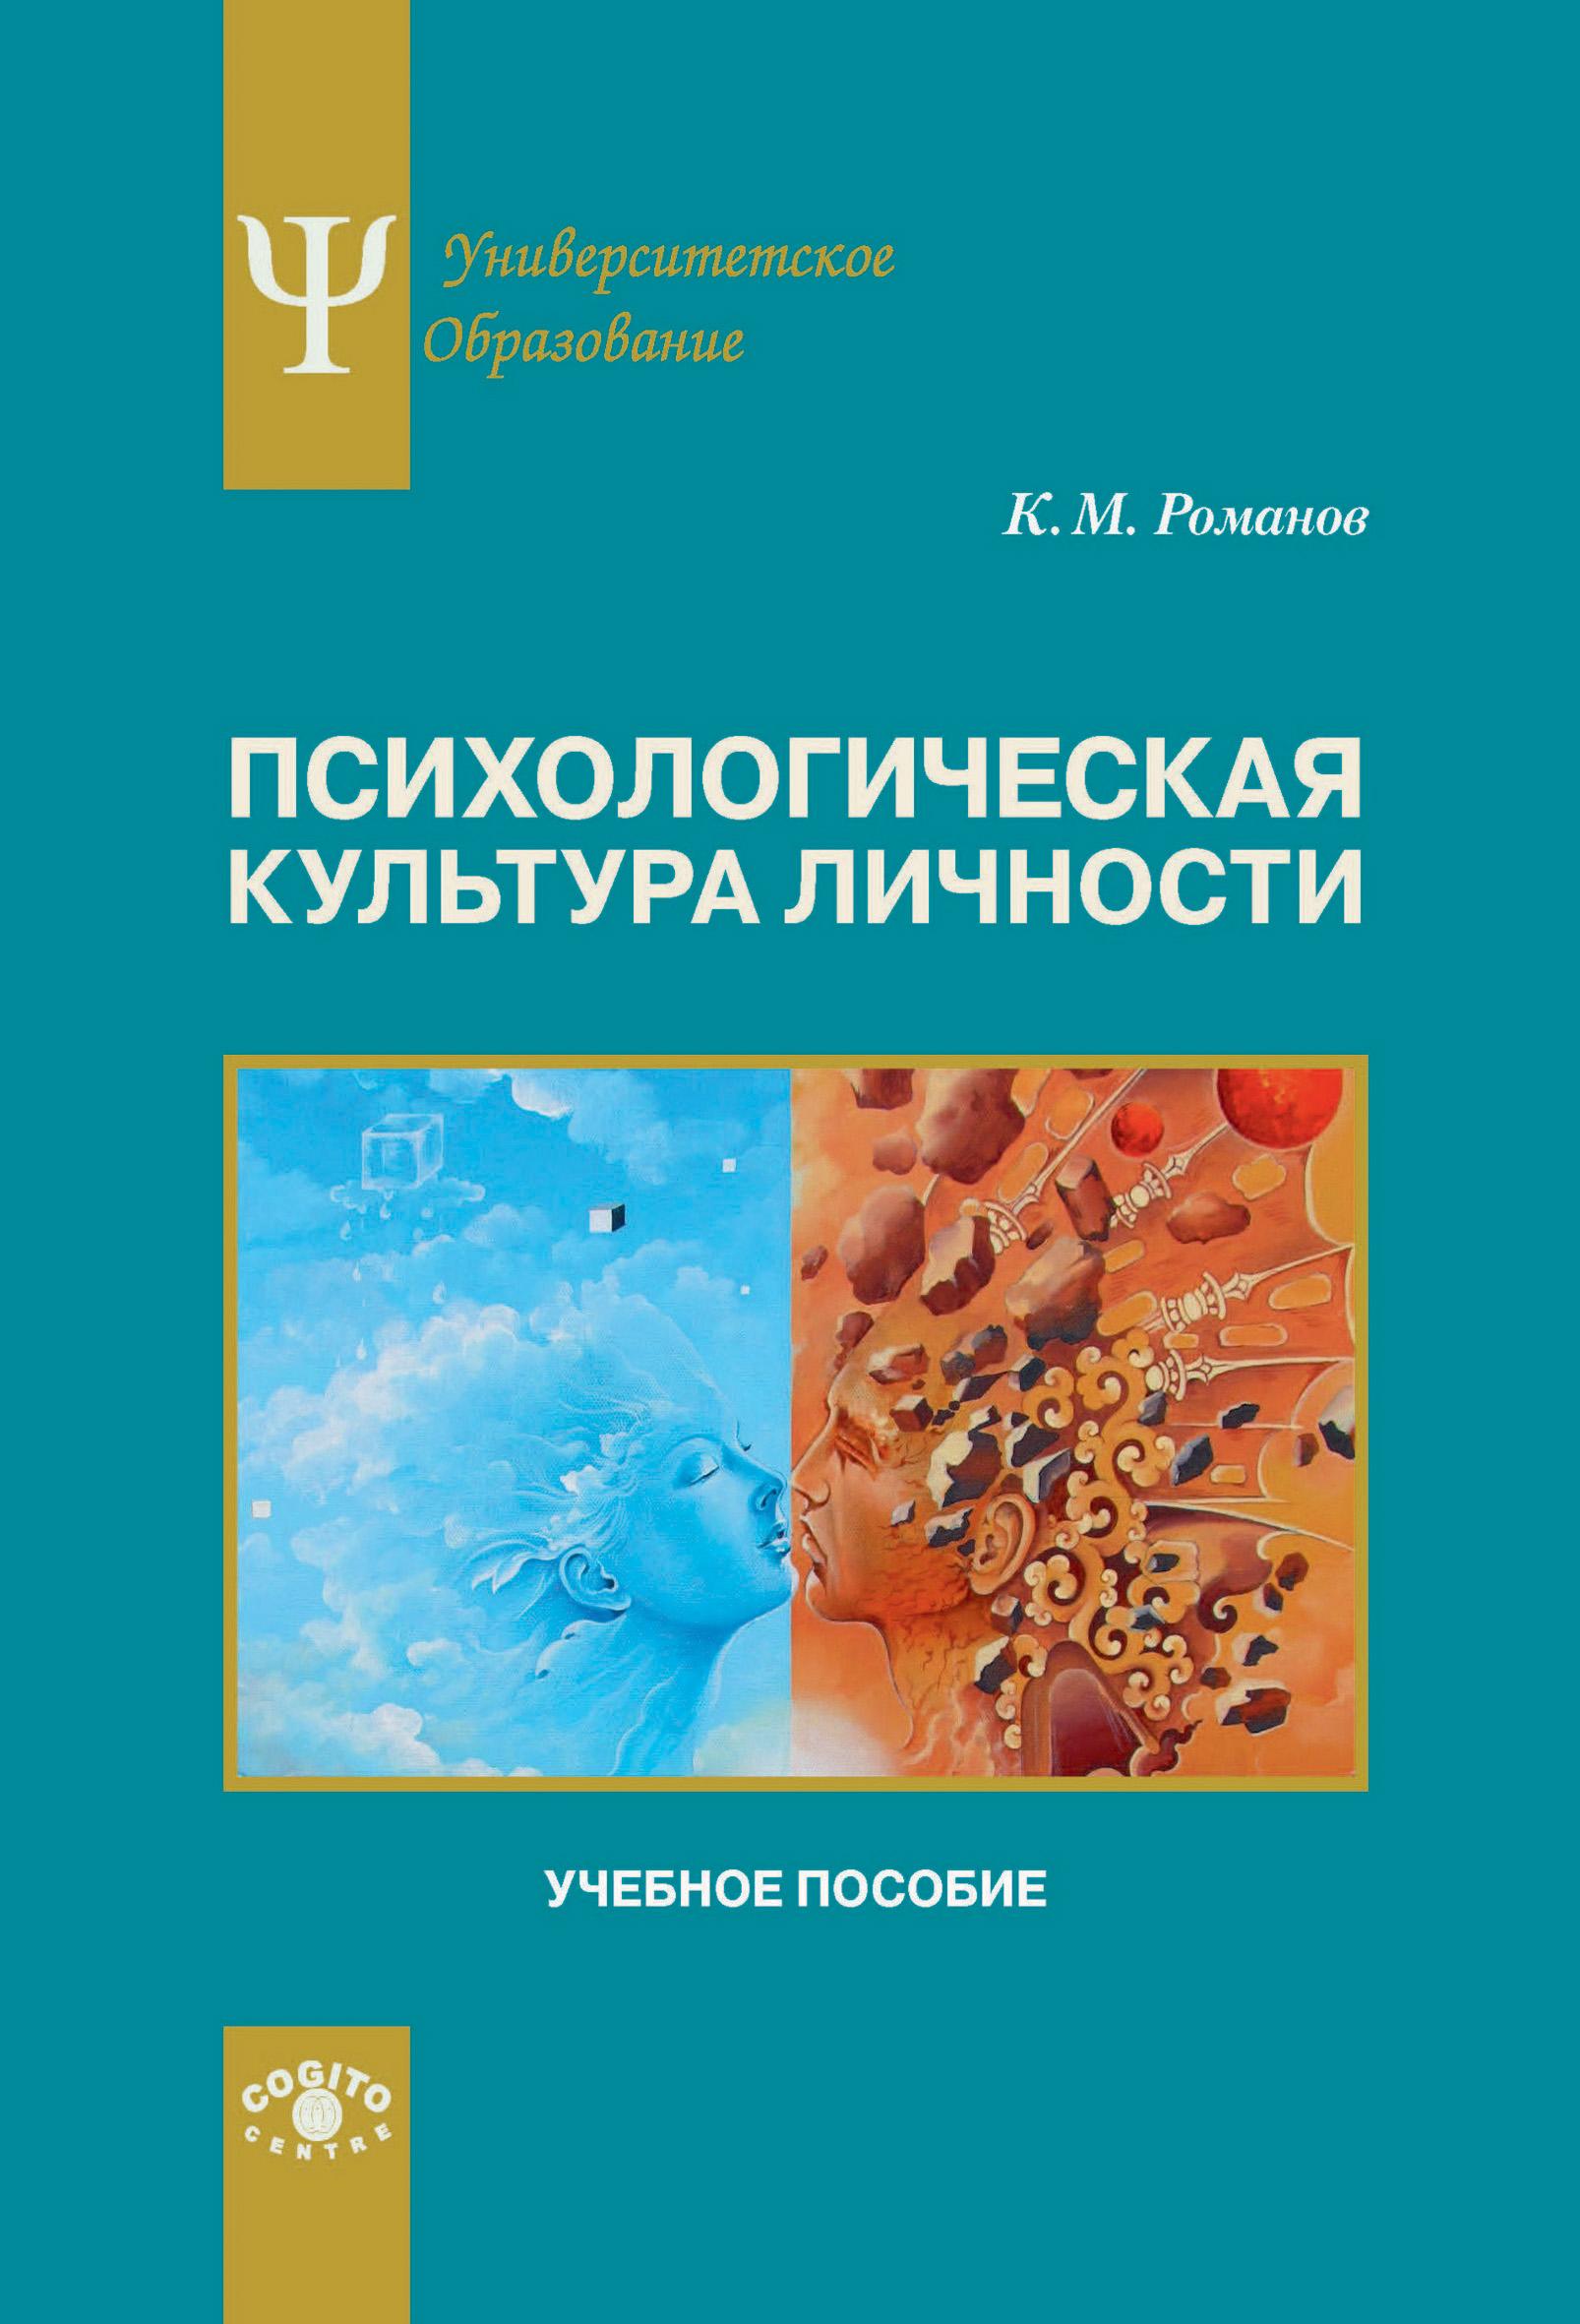 Константин Романов «Психологическая культура личности»